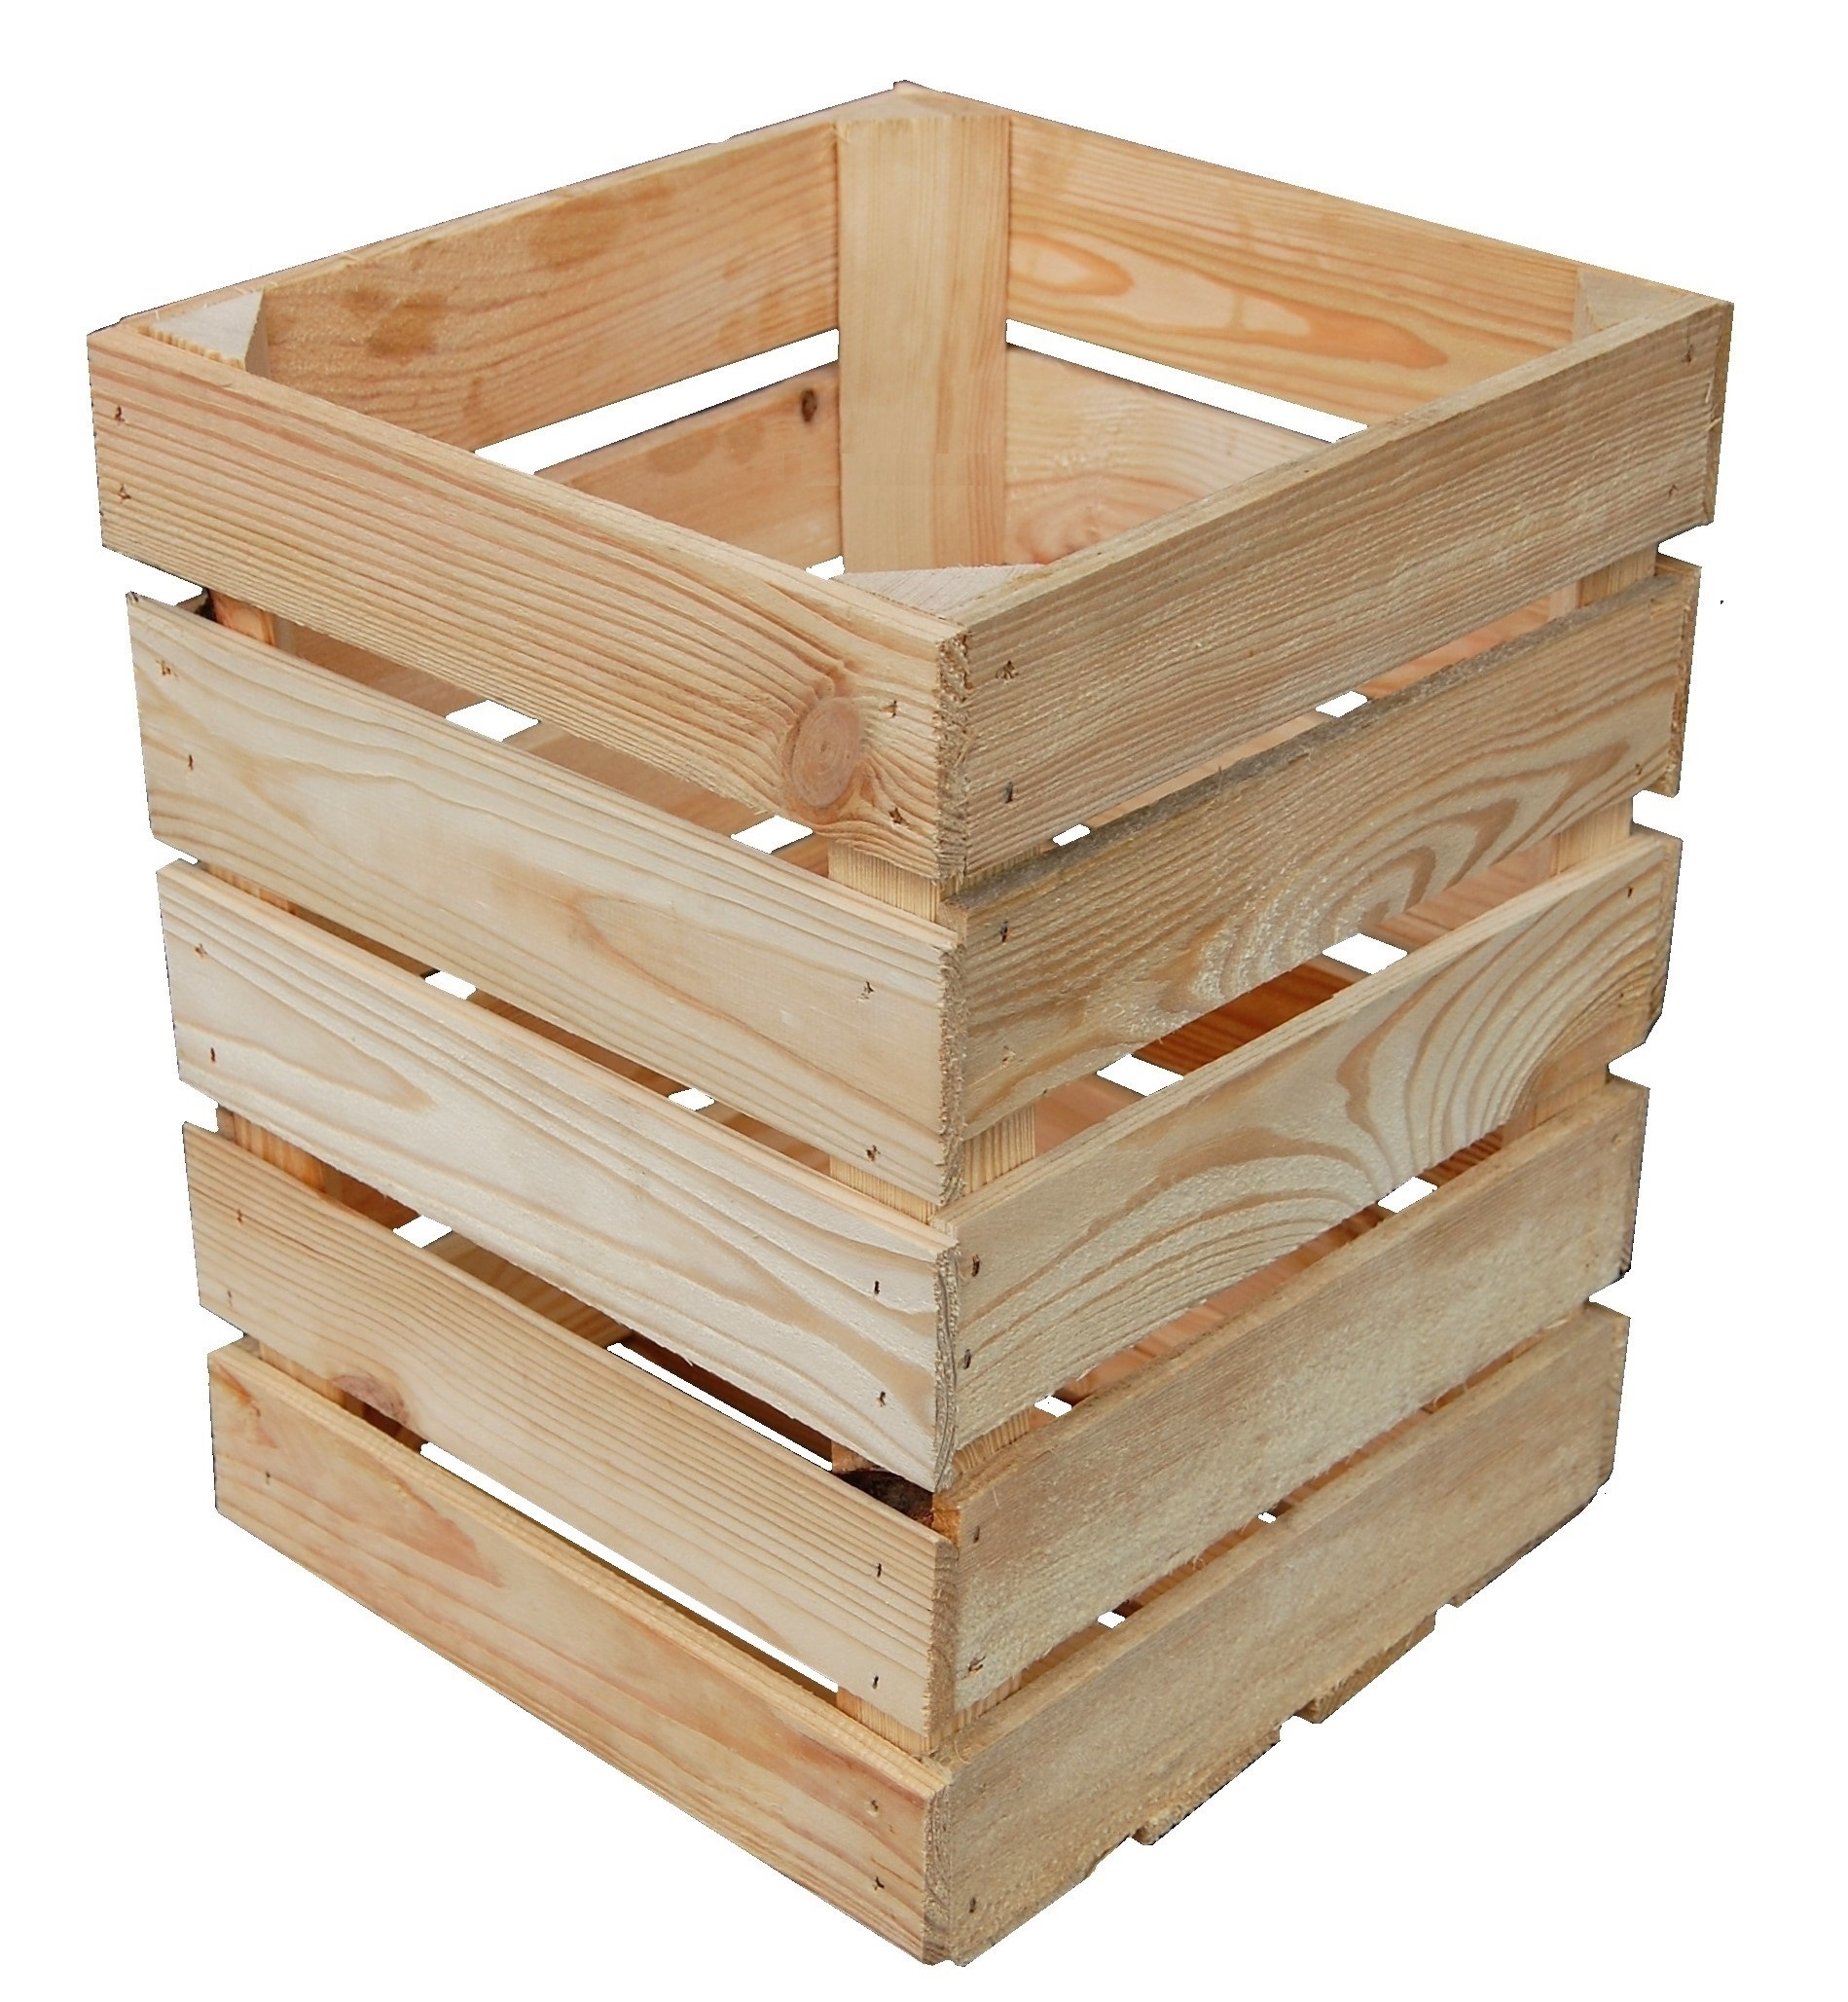 Ogromny Skrzynka Drewniana Dekoracyjny Kosz na Śmieci D2 - 7109869577 NI01